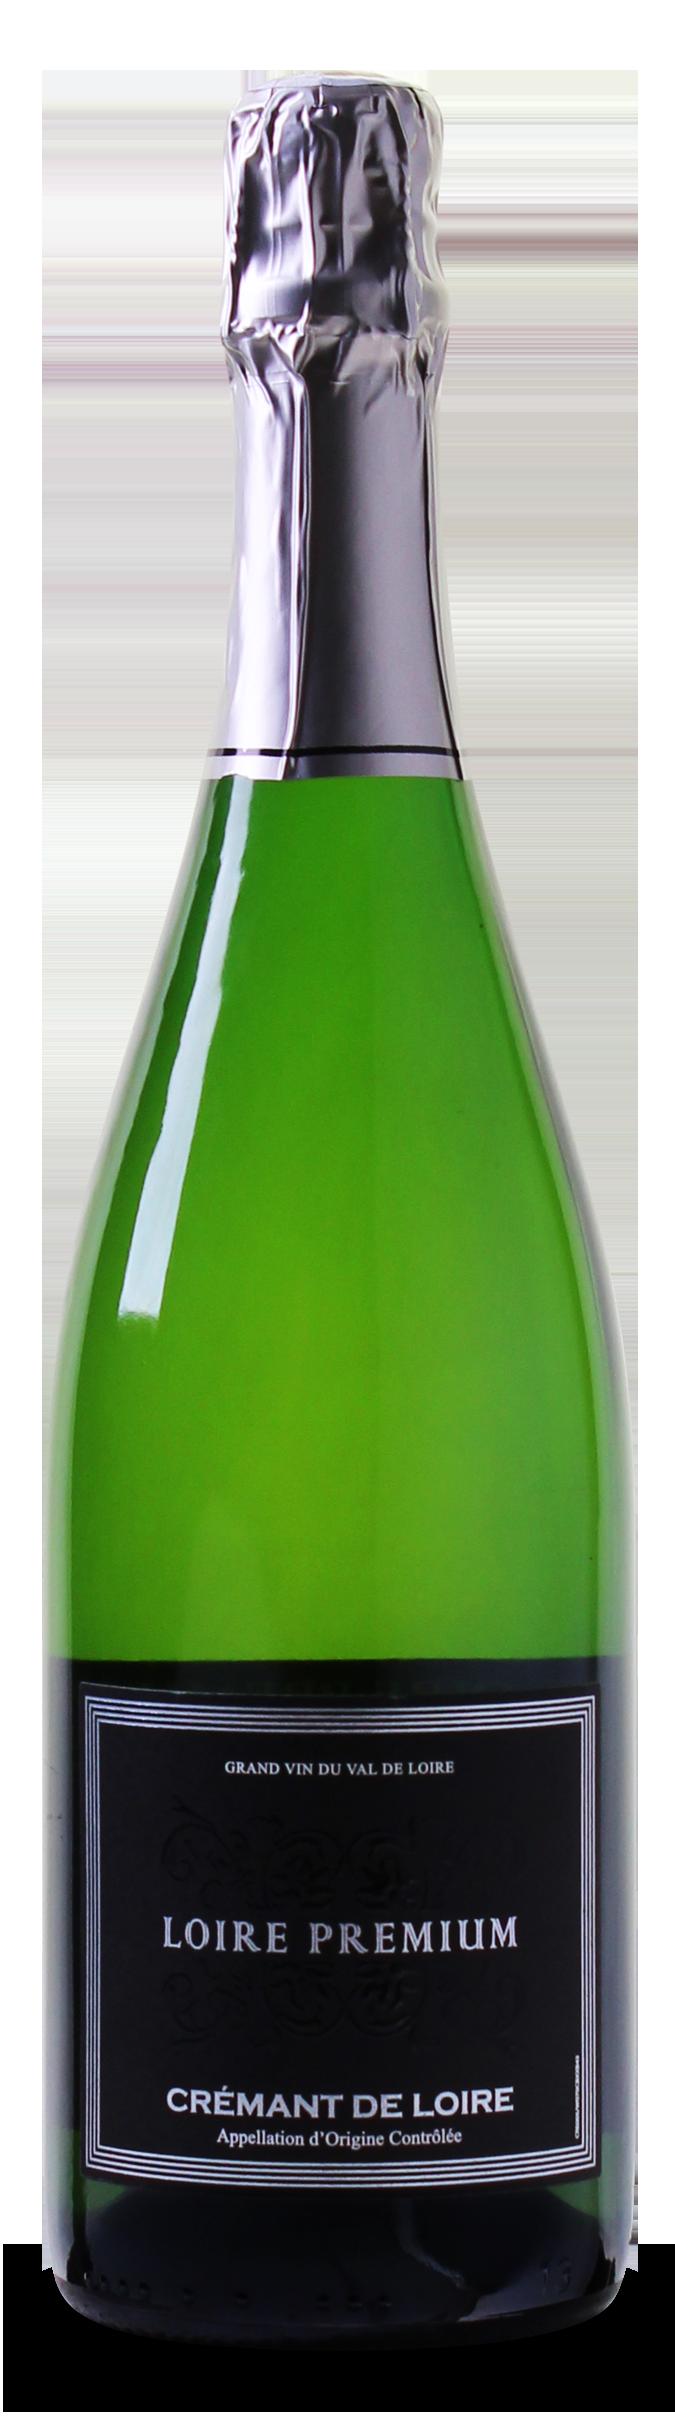 Loire Premium - Crémant de Loire AOC Blanc Brut